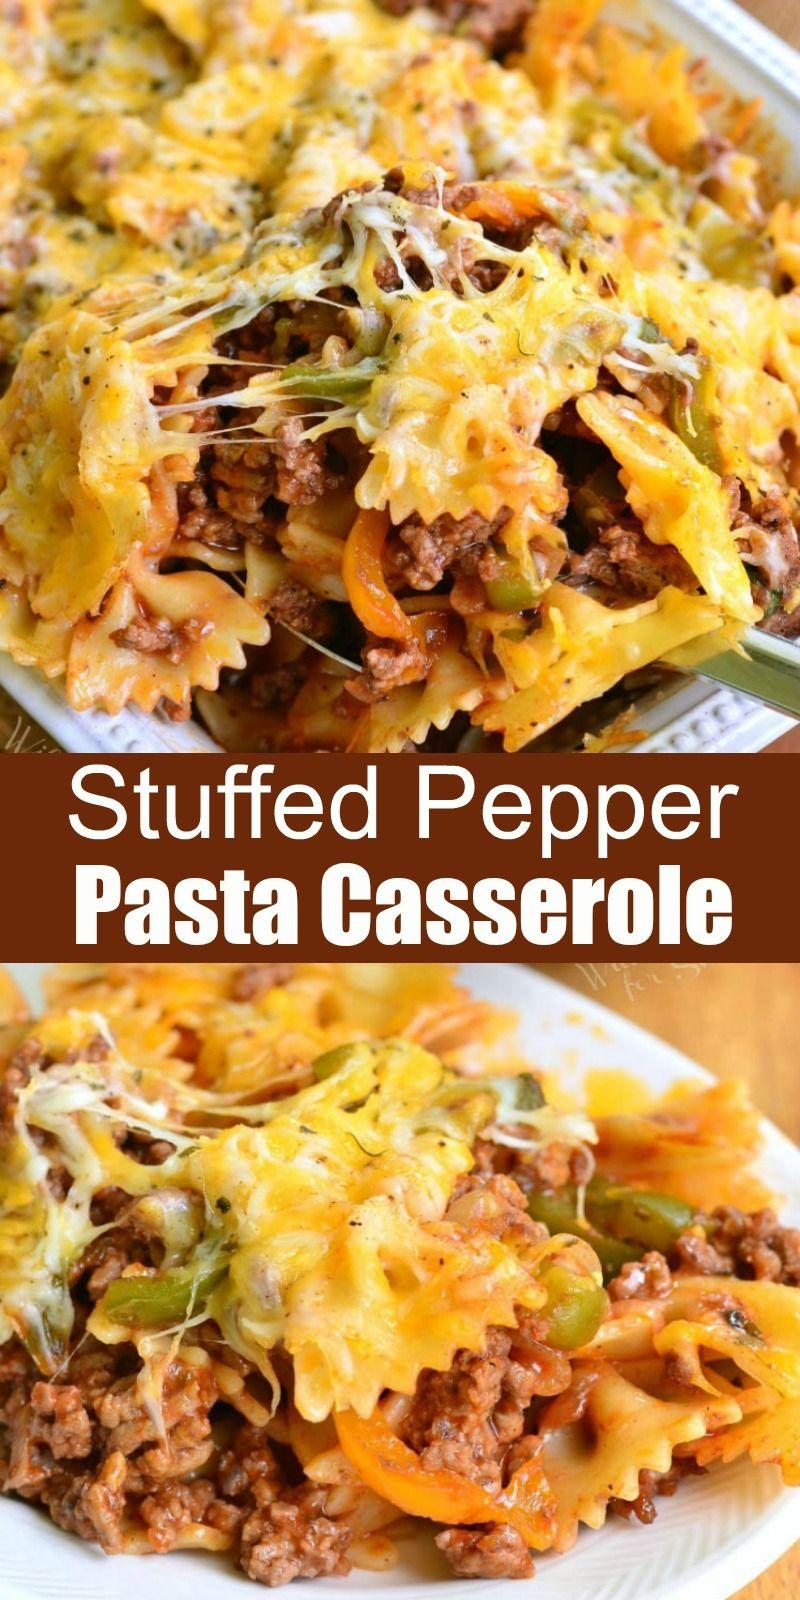 Stuffed Pepper Casserole In 2020 Stuffed Peppers Recipes Stuffed Pepper Casserole